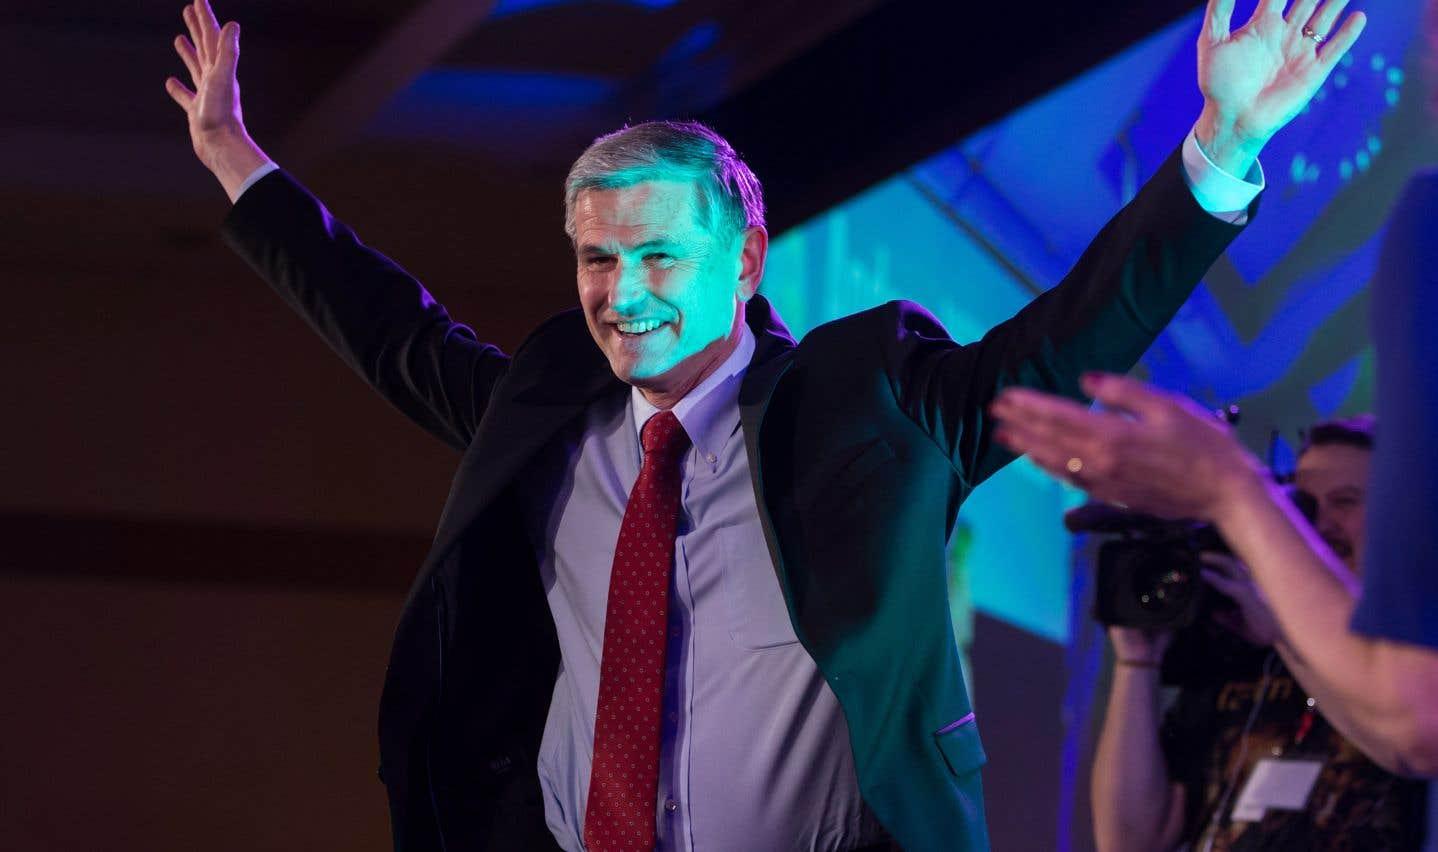 Les libéraux de la Colombie-Britannique se sont tournés vers l'ancien ministre Andrew Wilkinson pour diriger leur parti.